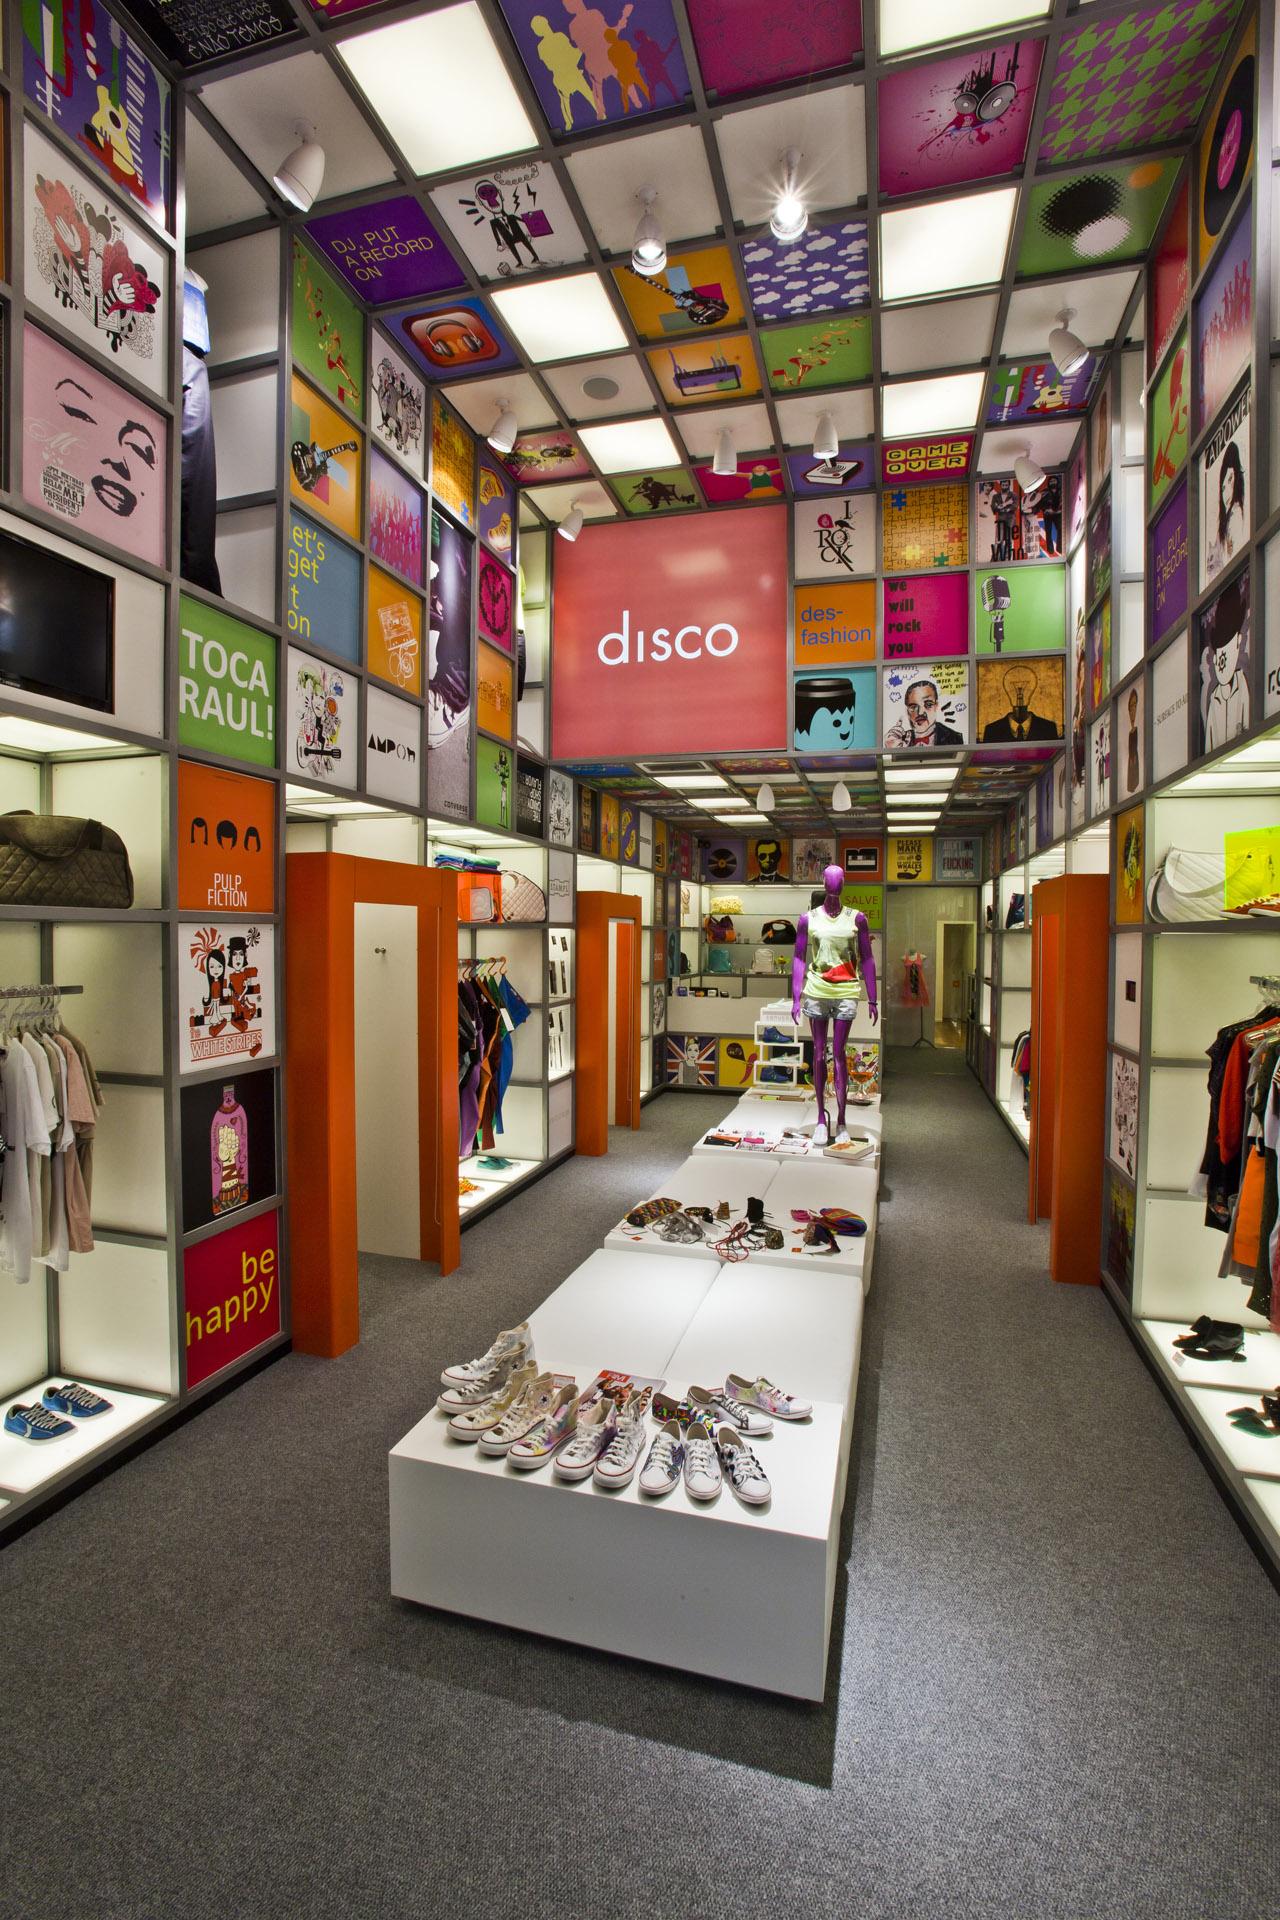 Galeria de loja disco experience rg s arquitetura 7 for Small home decor stores